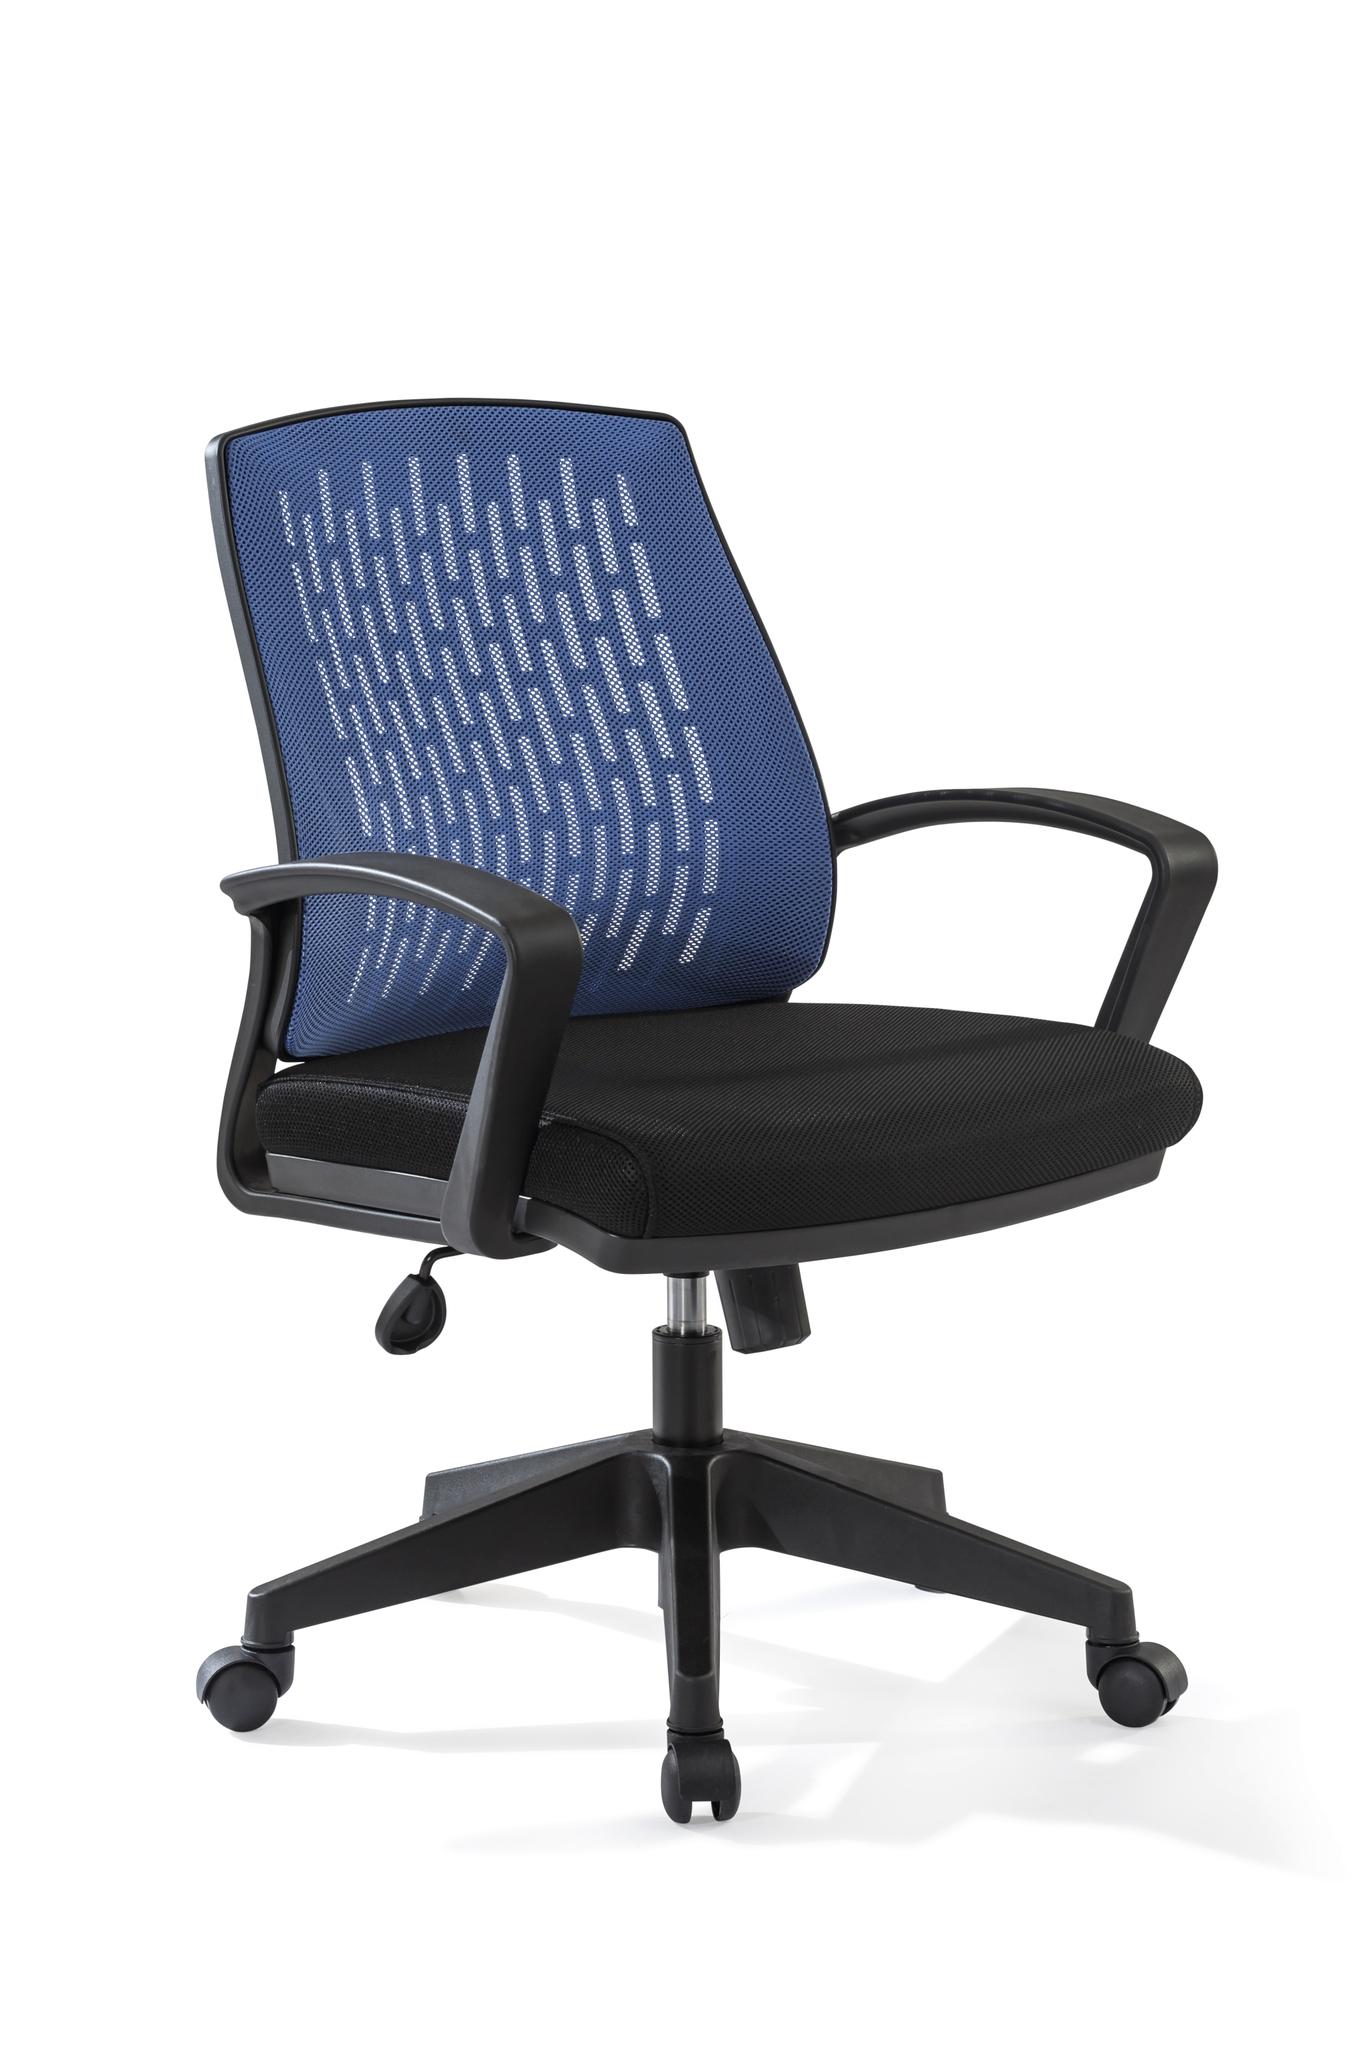 Scaun de birou Comfort Blue / Black